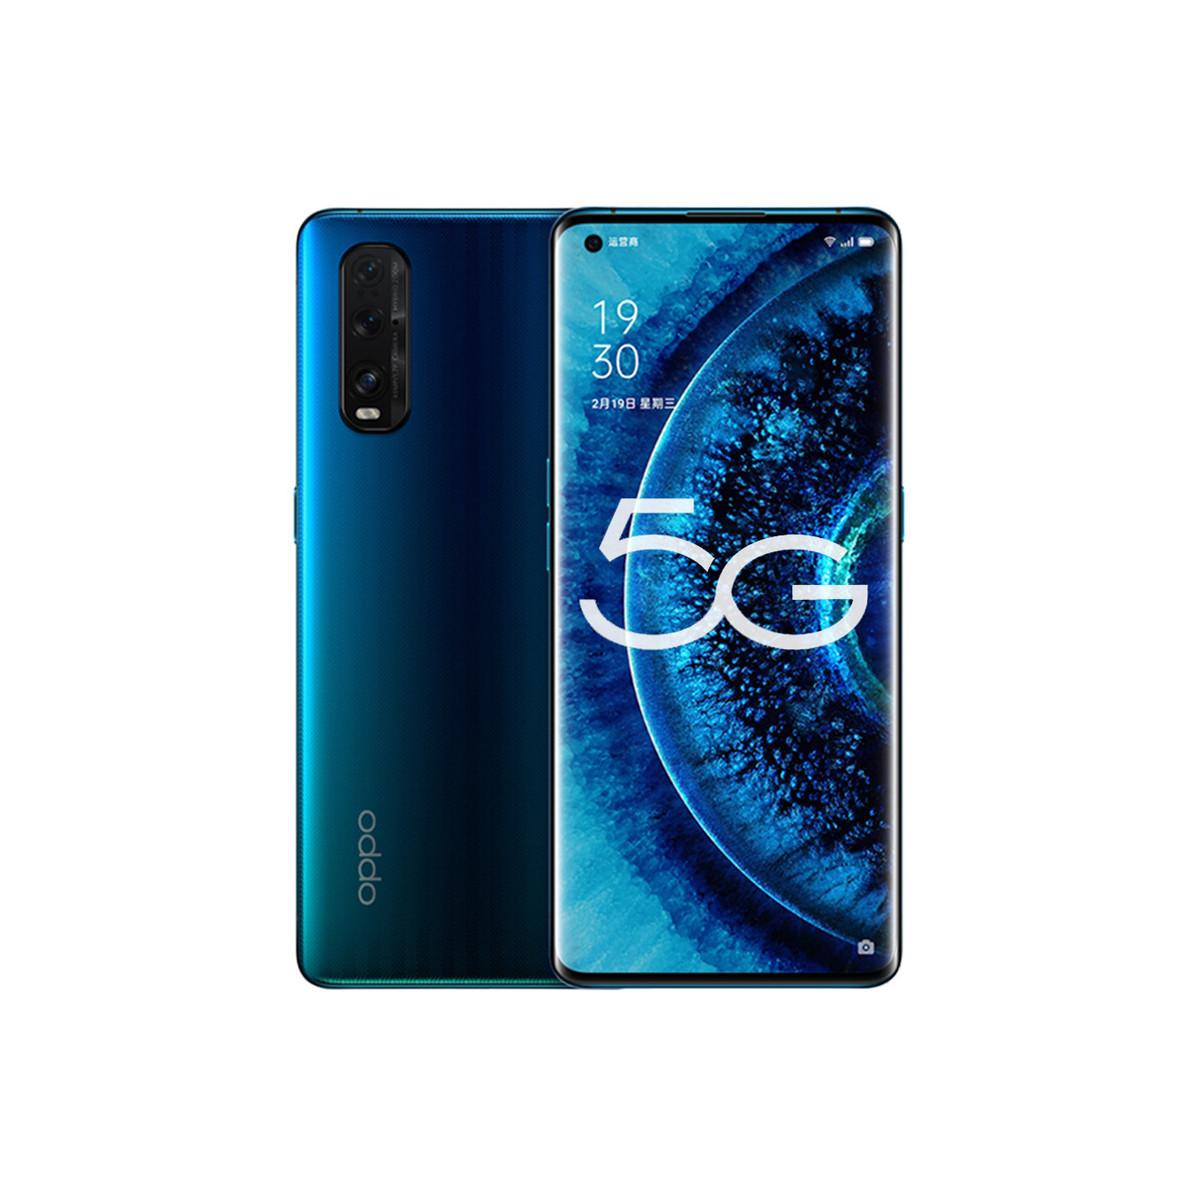 OPPOFind X2 双模5G全网通120HZ超感屏旗舰手机Findx2碧波8+128